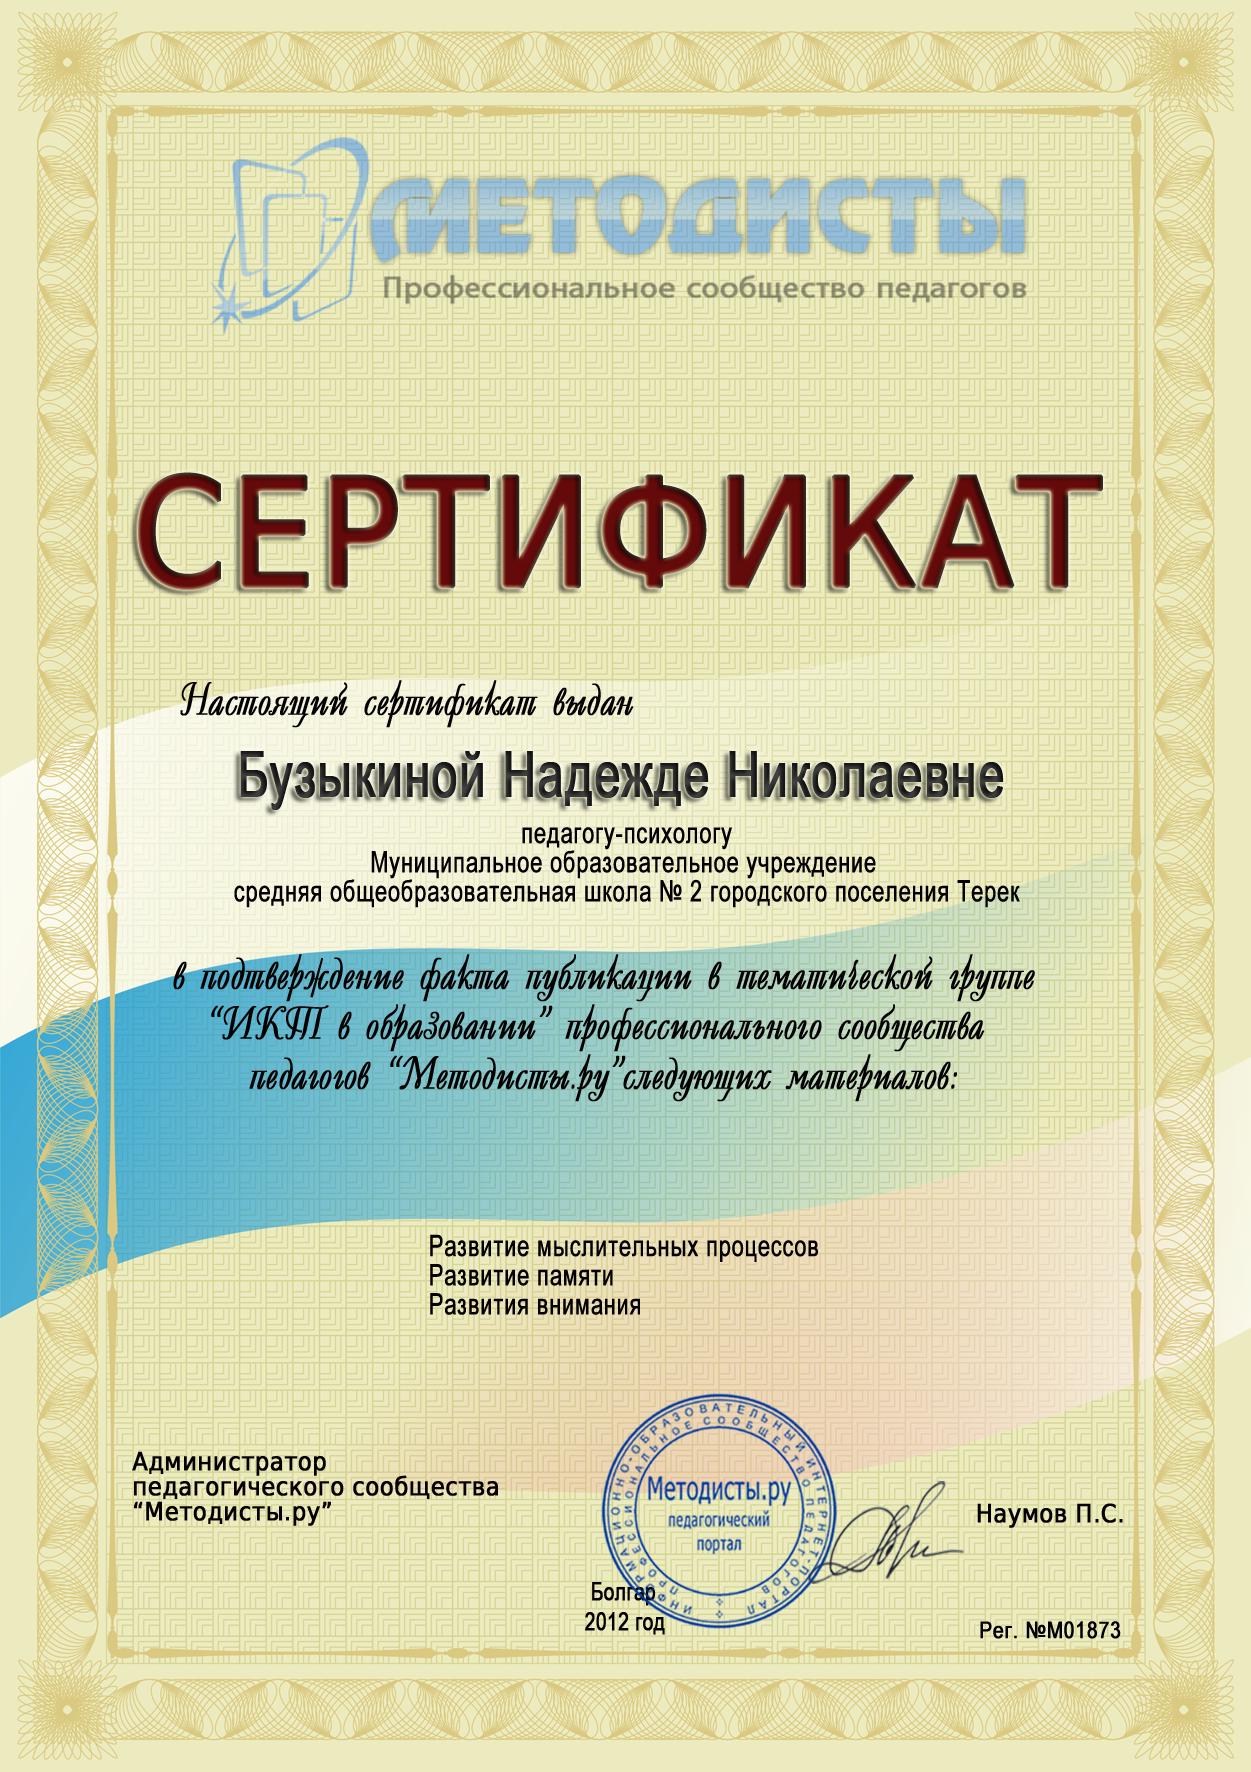 Поздравления с получением диплома своими словами6